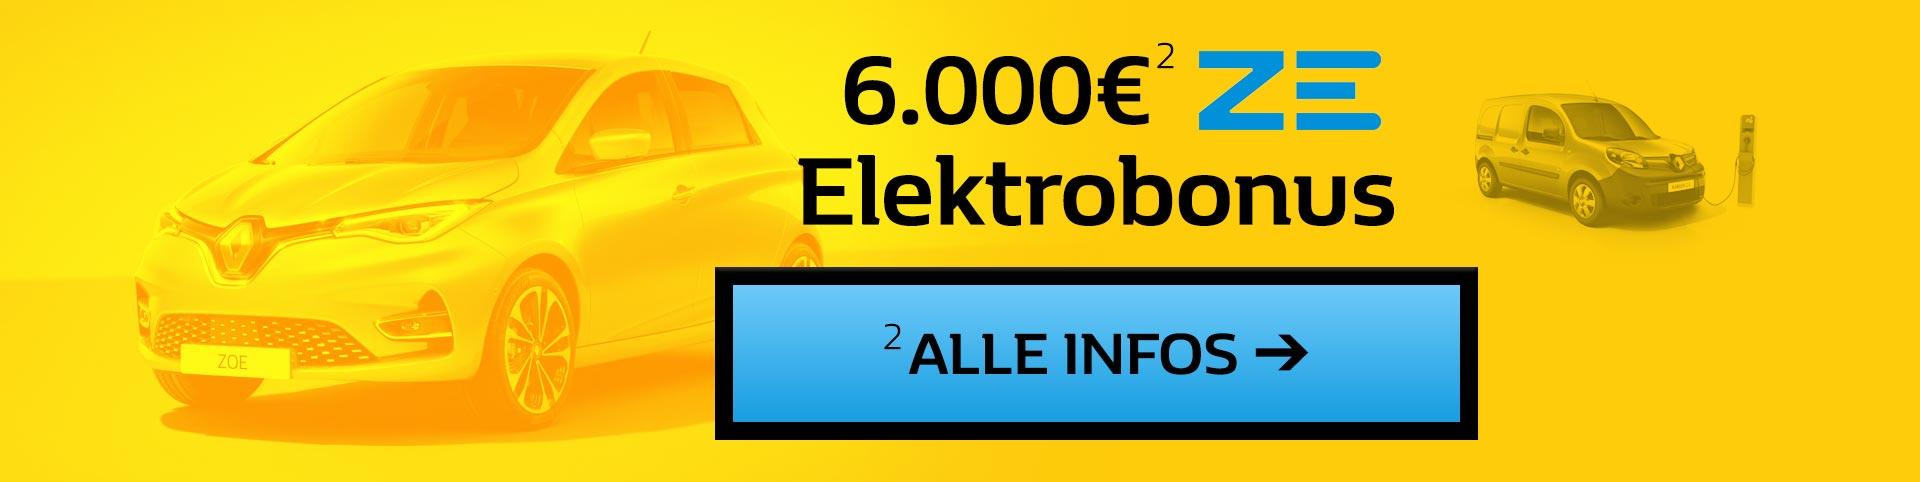 6000 Euro ZE Elektrobonus